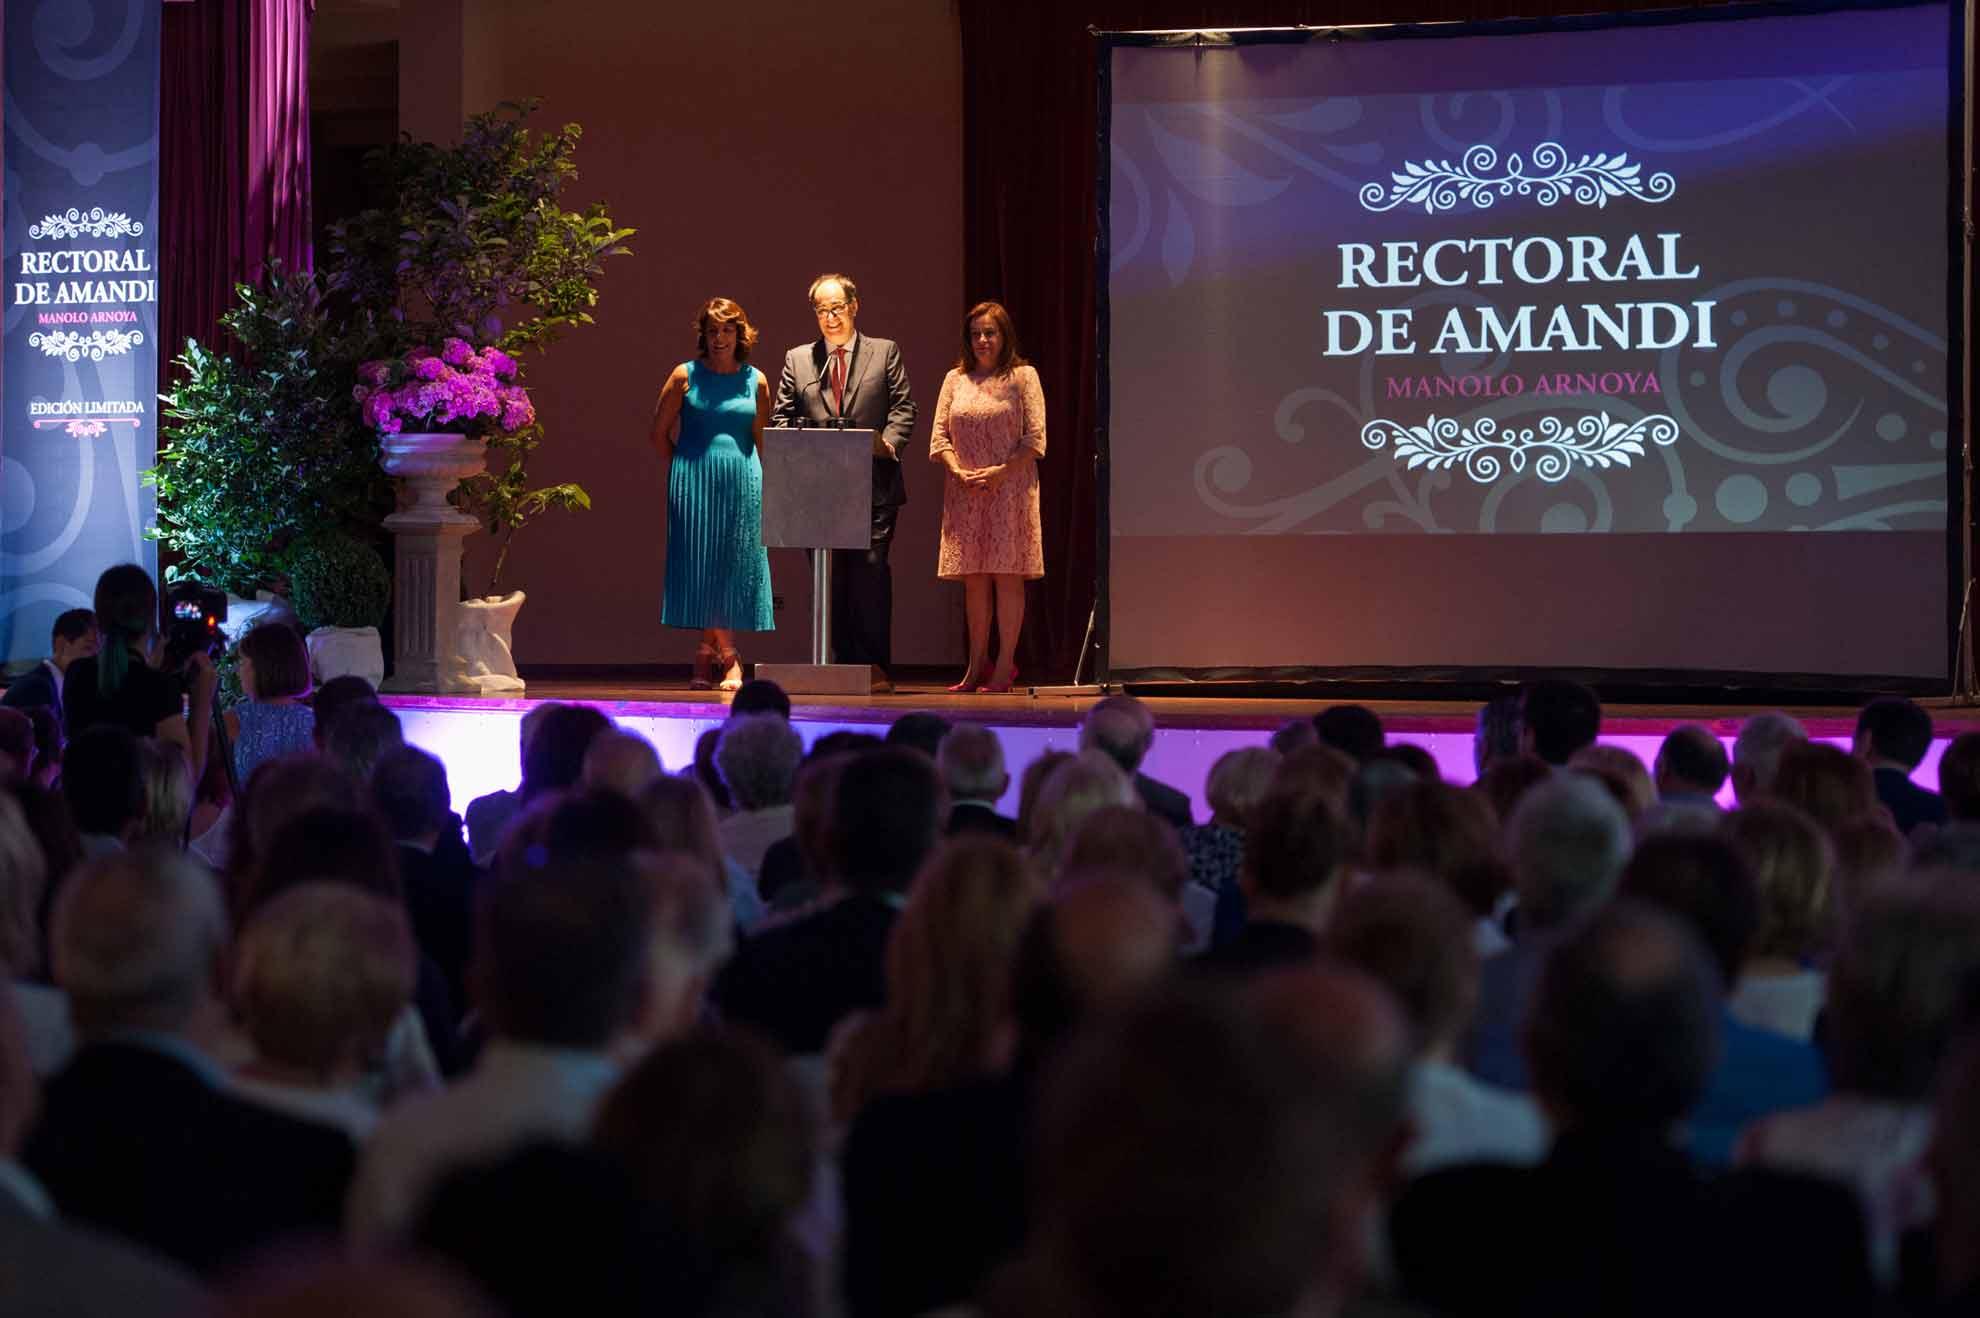 Así fue la presentación del «Rectoral de Amandi Manolo Arnoya»: Fotos y Vídeo